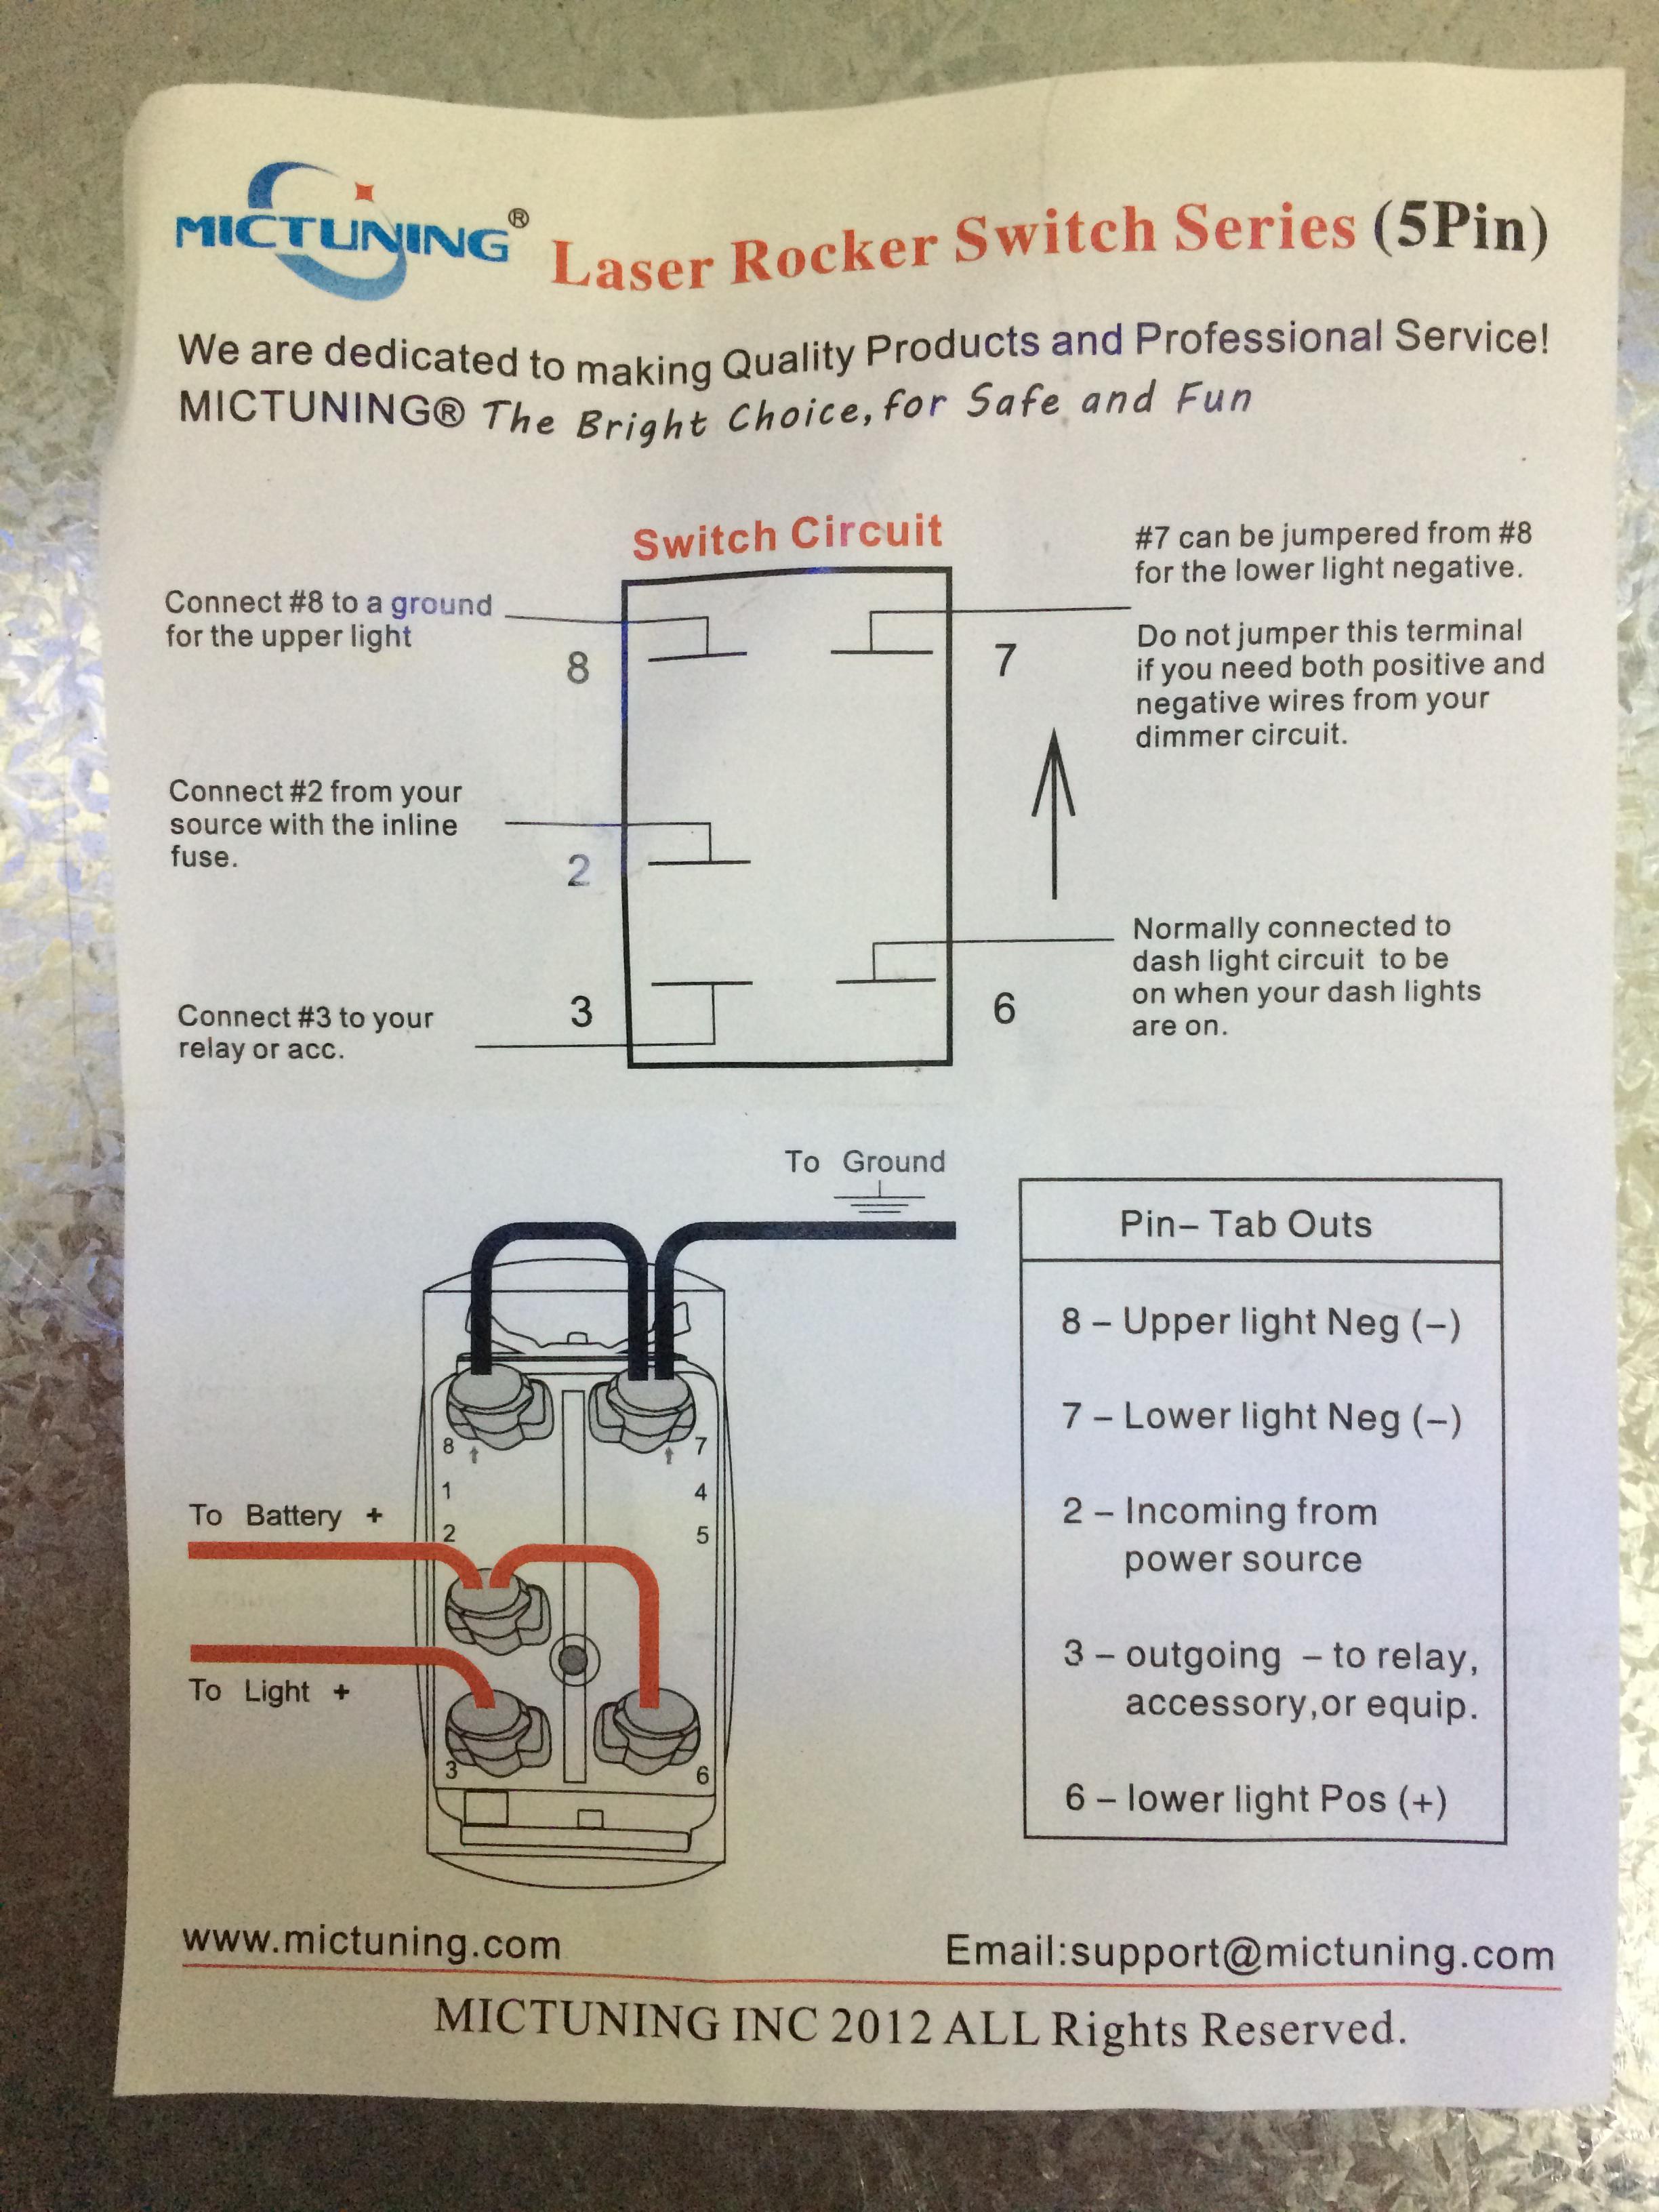 Yama Wiring Diagram ninja 250r ignition wiring diagram ... on japan wiring diagram, kawasaki wiring diagram, johnson wiring diagram, mercedes wiring diagram, clark wiring diagram, power wiring diagram, kodiak wiring diagram, international wiring diagram, argo wiring diagram, honda wiring diagram, vega wiring diagram, gibson wiring diagram, cooper wiring diagram, sabre wiring diagram, atlas wiring diagram, dakota wiring diagram, cummins wiring diagram, nissan wiring diagram, club wiring diagram, taylor wiring diagram,